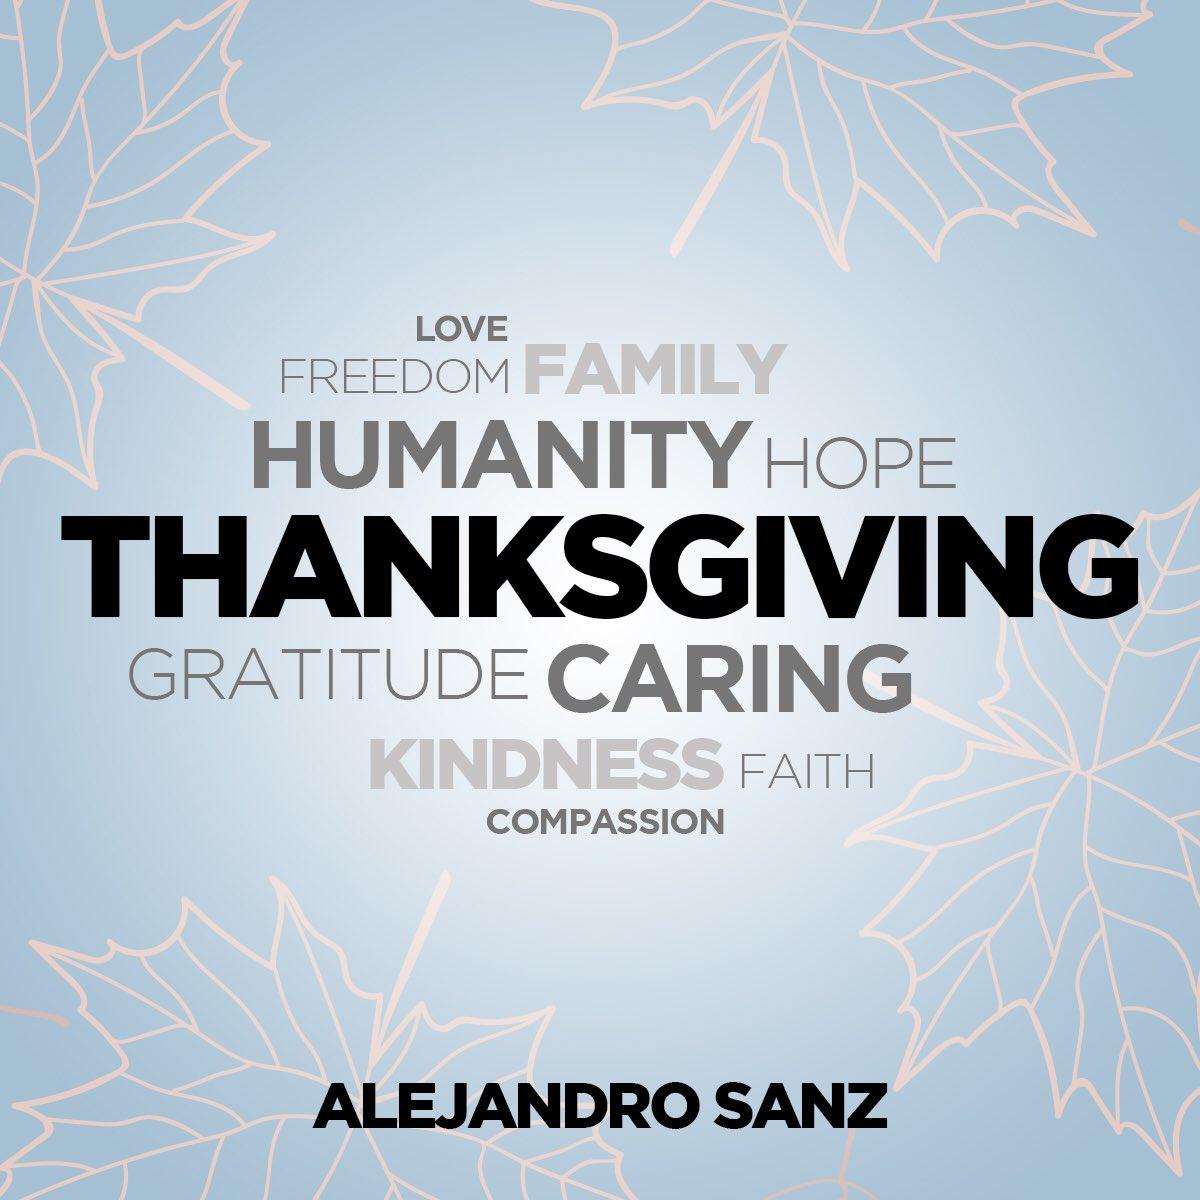 Feliz día de Acción de Gracias/ Happy #ThanksGiving https://t.co/wGjgYbVLkA